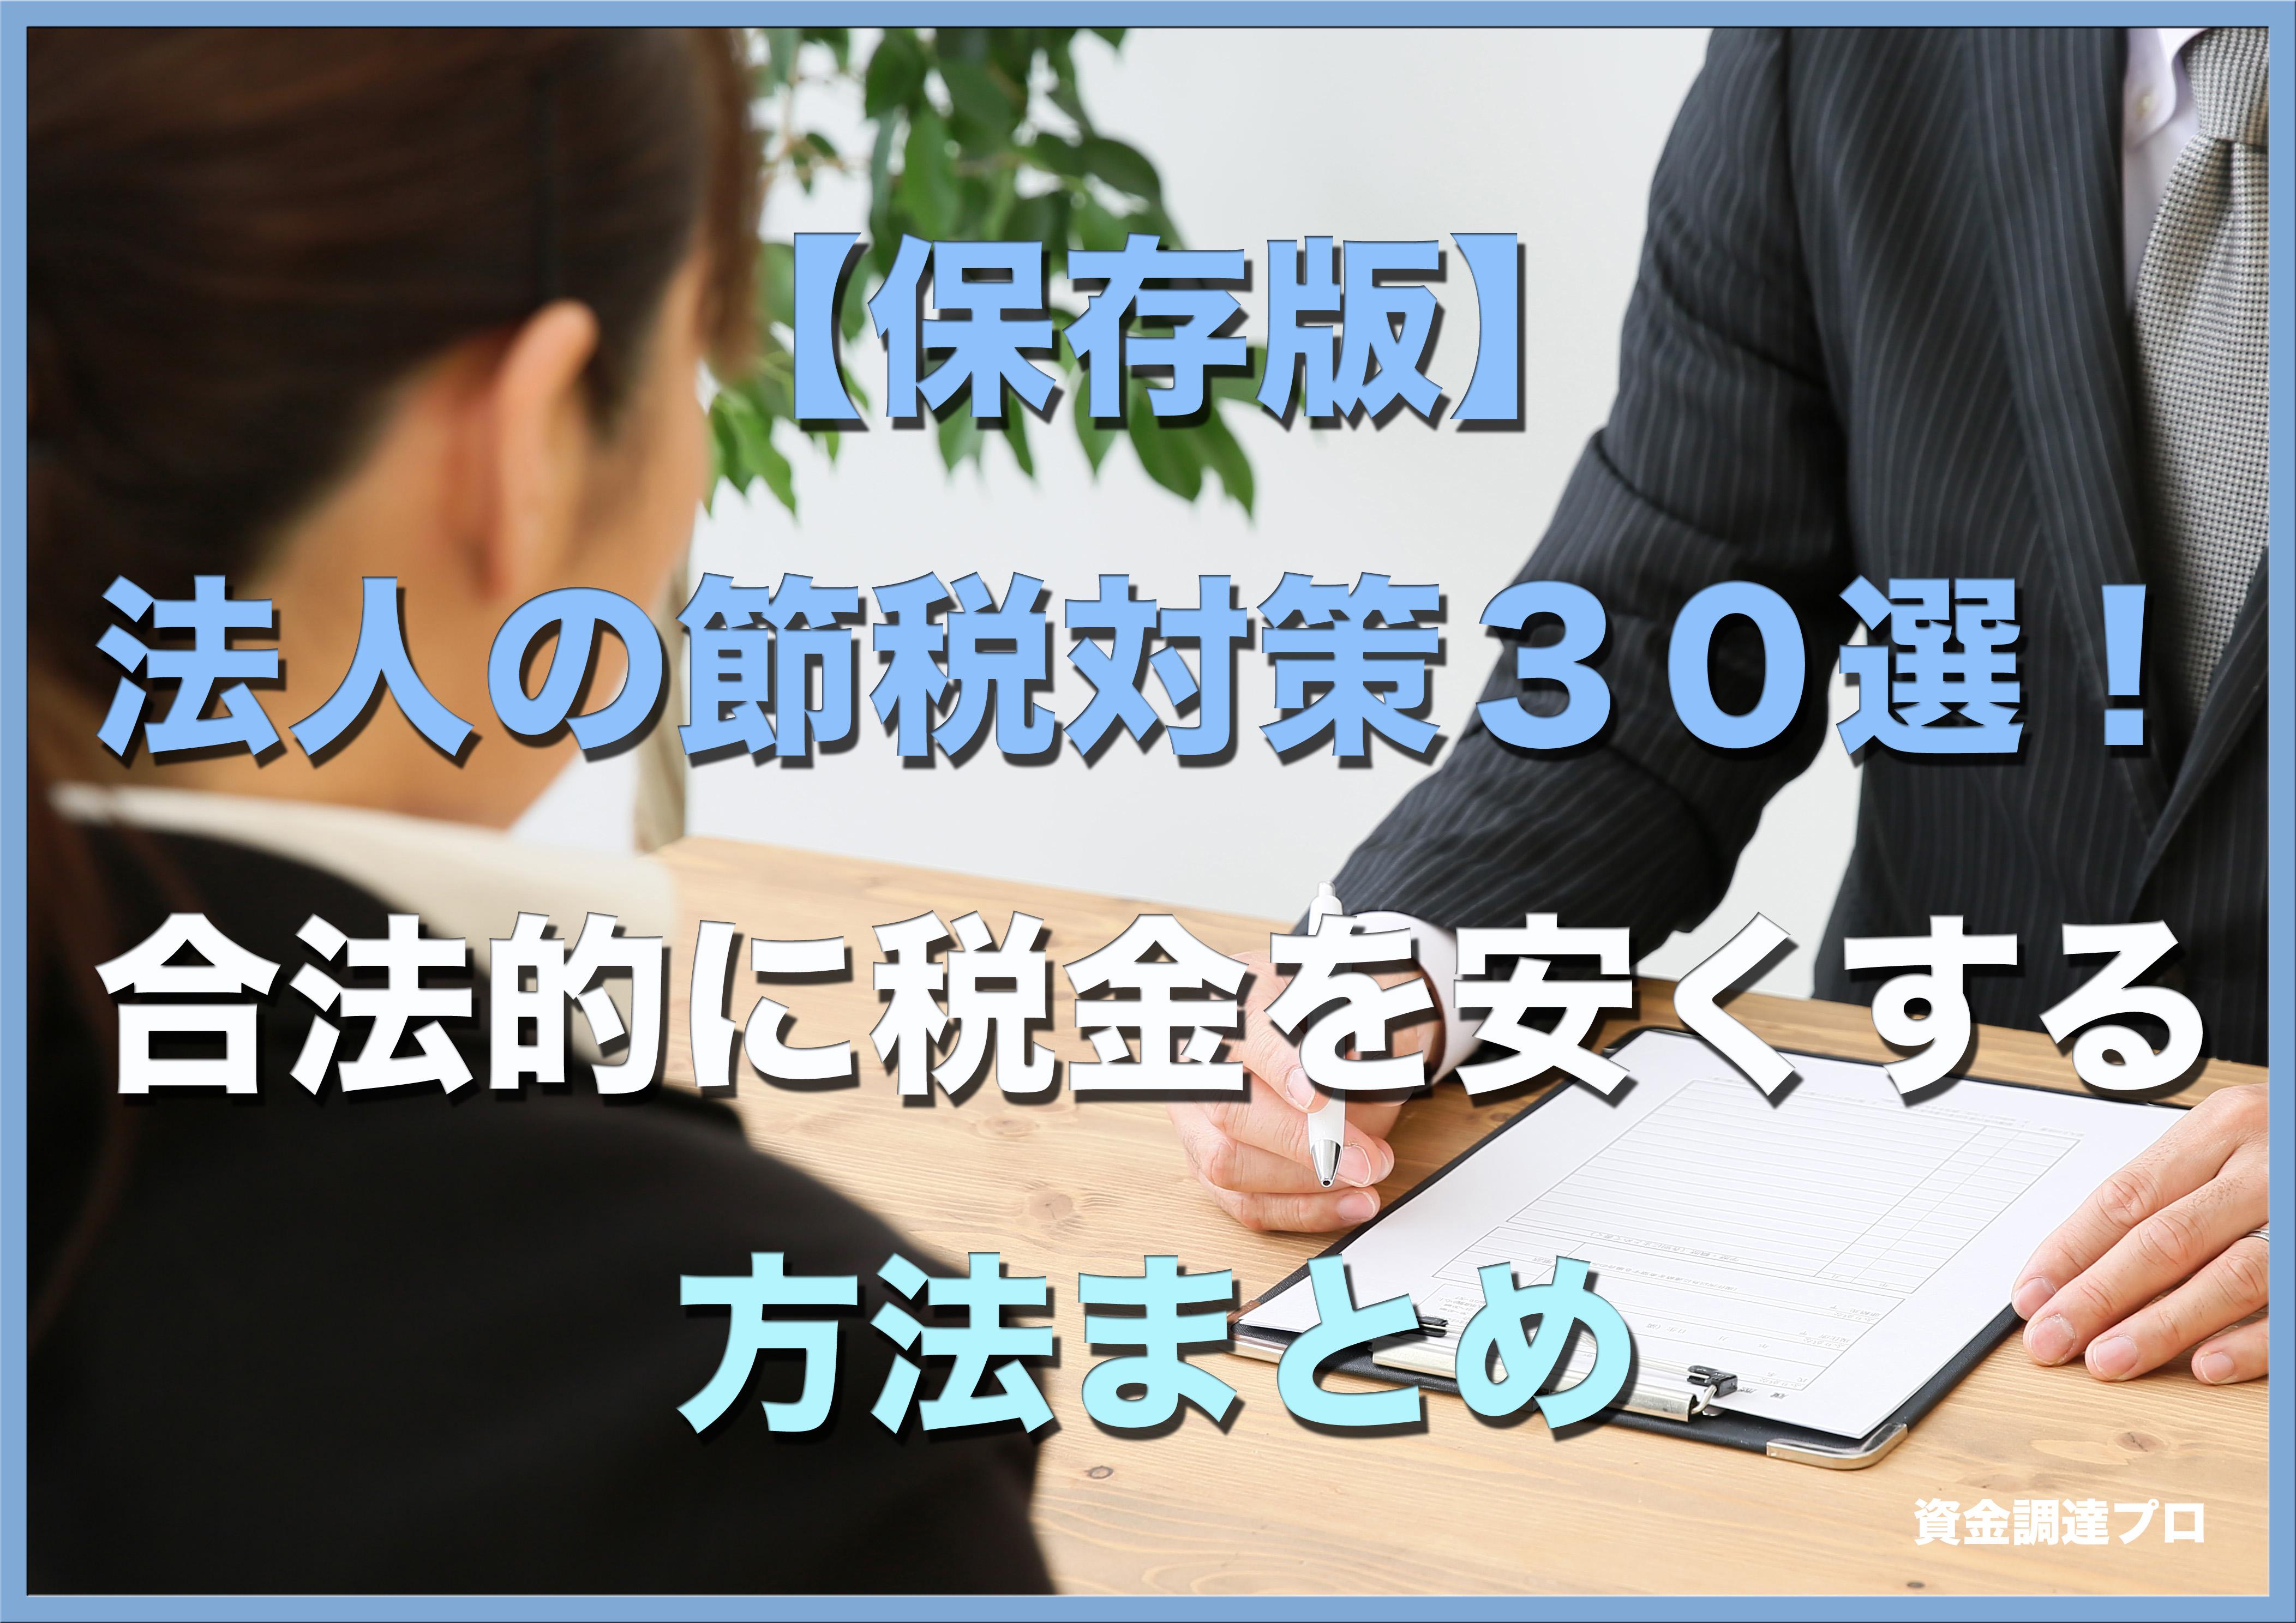 【保存版】法人の節税対策30選!合法的に税金を安くする方法まとめ